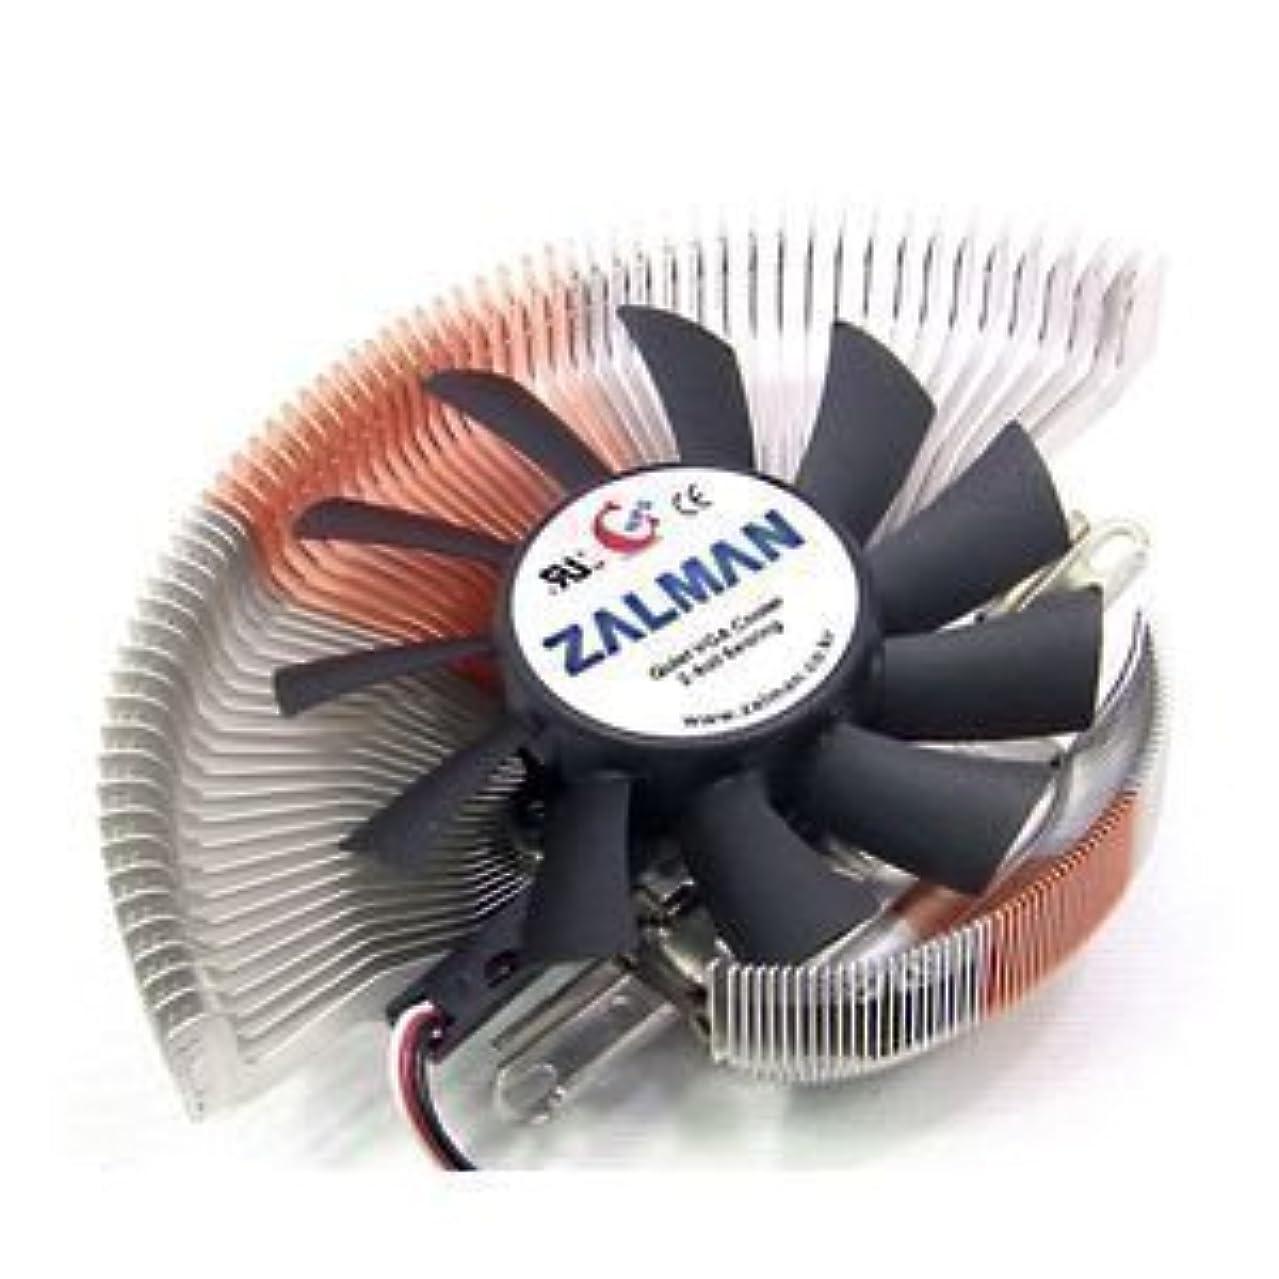 結核満了エンゲージメントZALMAN 銅&アルミ製 VGA Cooler VF700-Alcu (FN182) VF700-ALCU